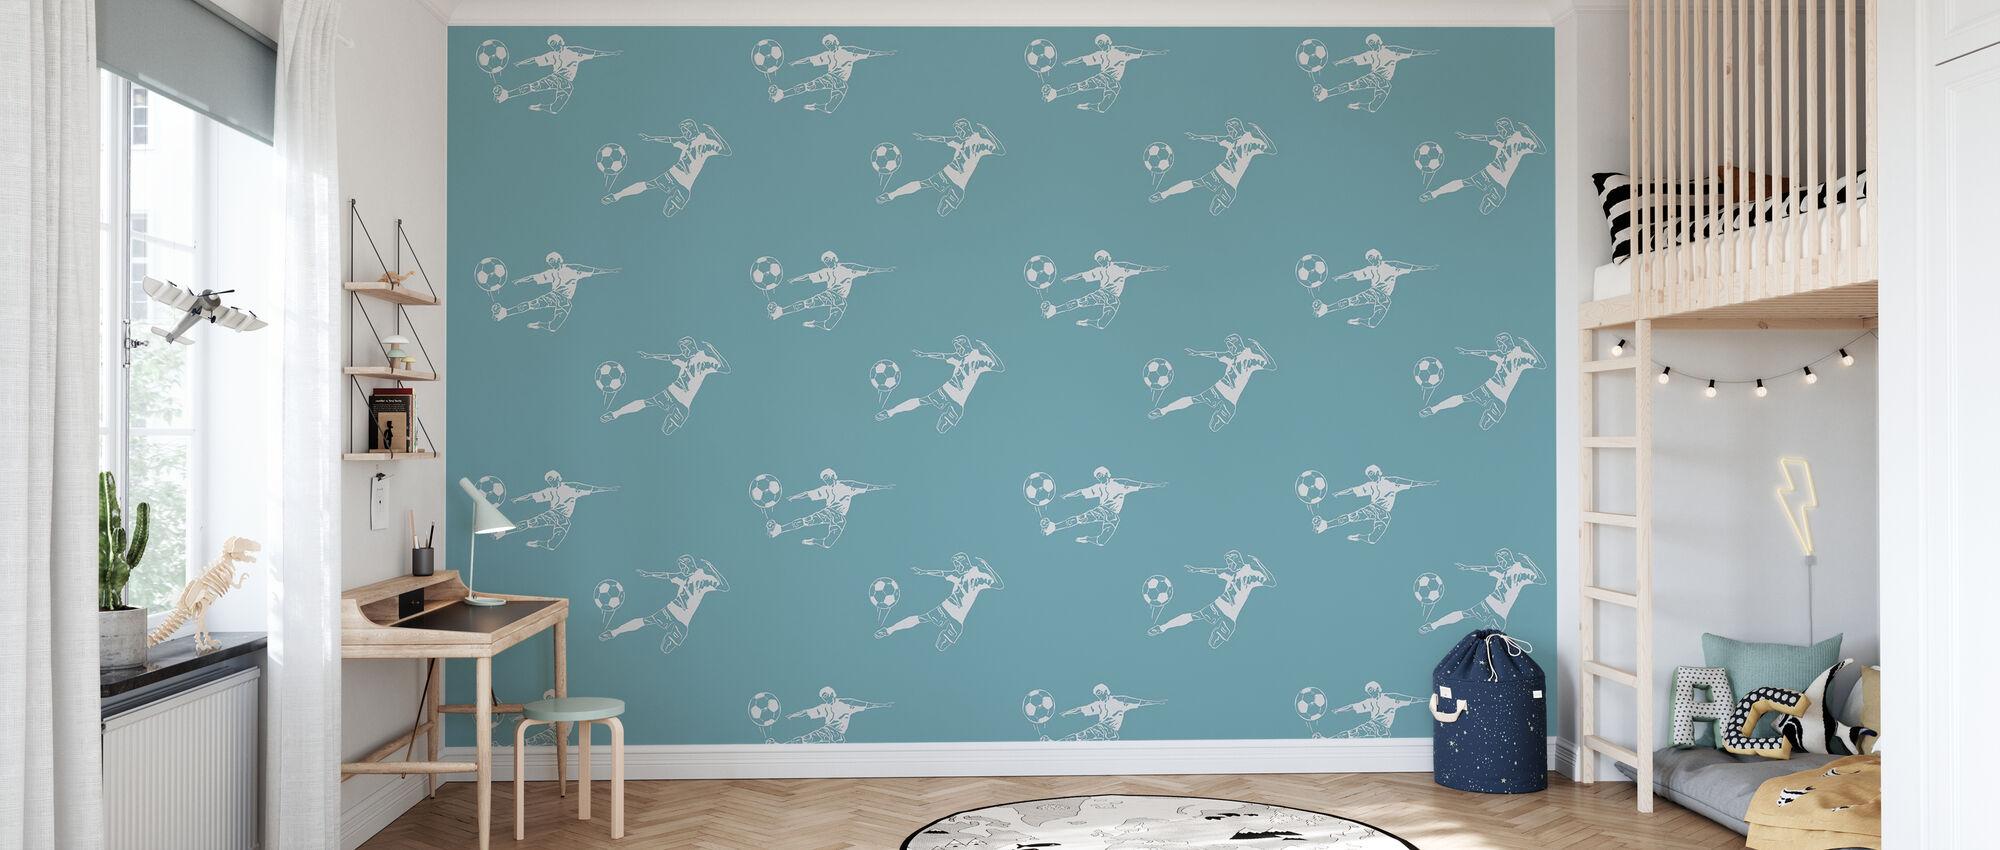 Kick It - lichtblauw patroon - Behang - Kinderkamer